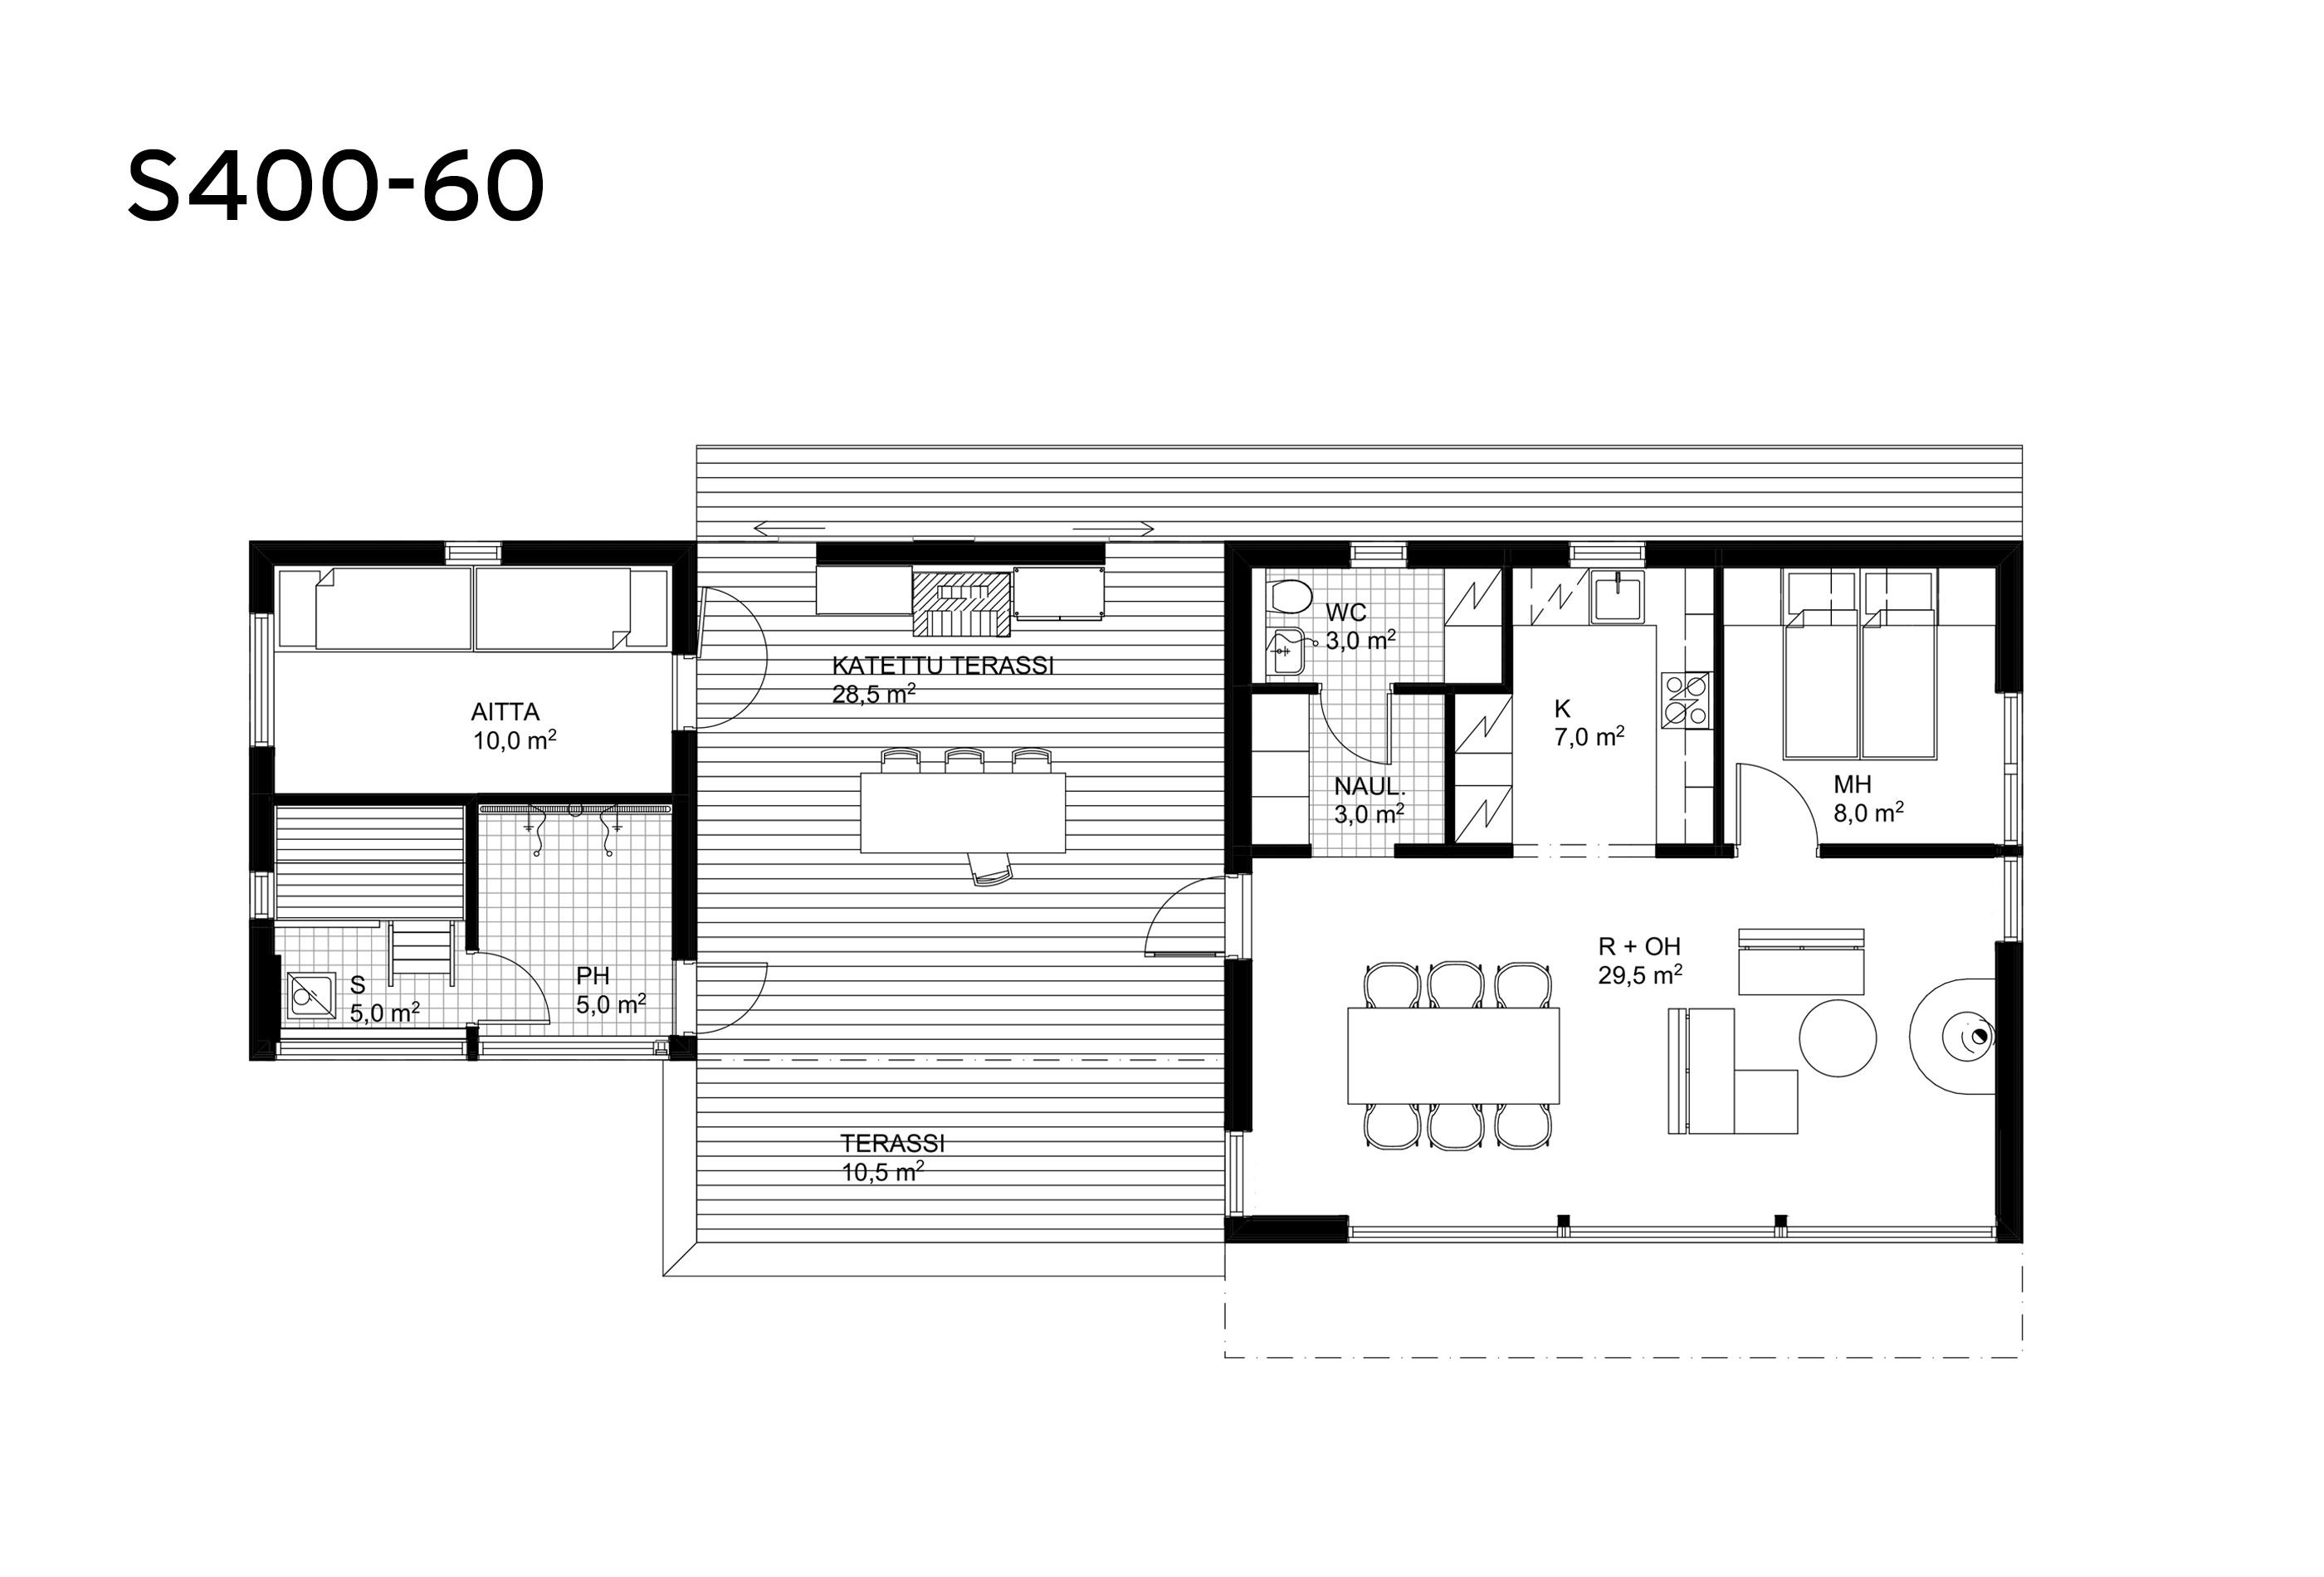 Sunhouse moderni mökki S400-60